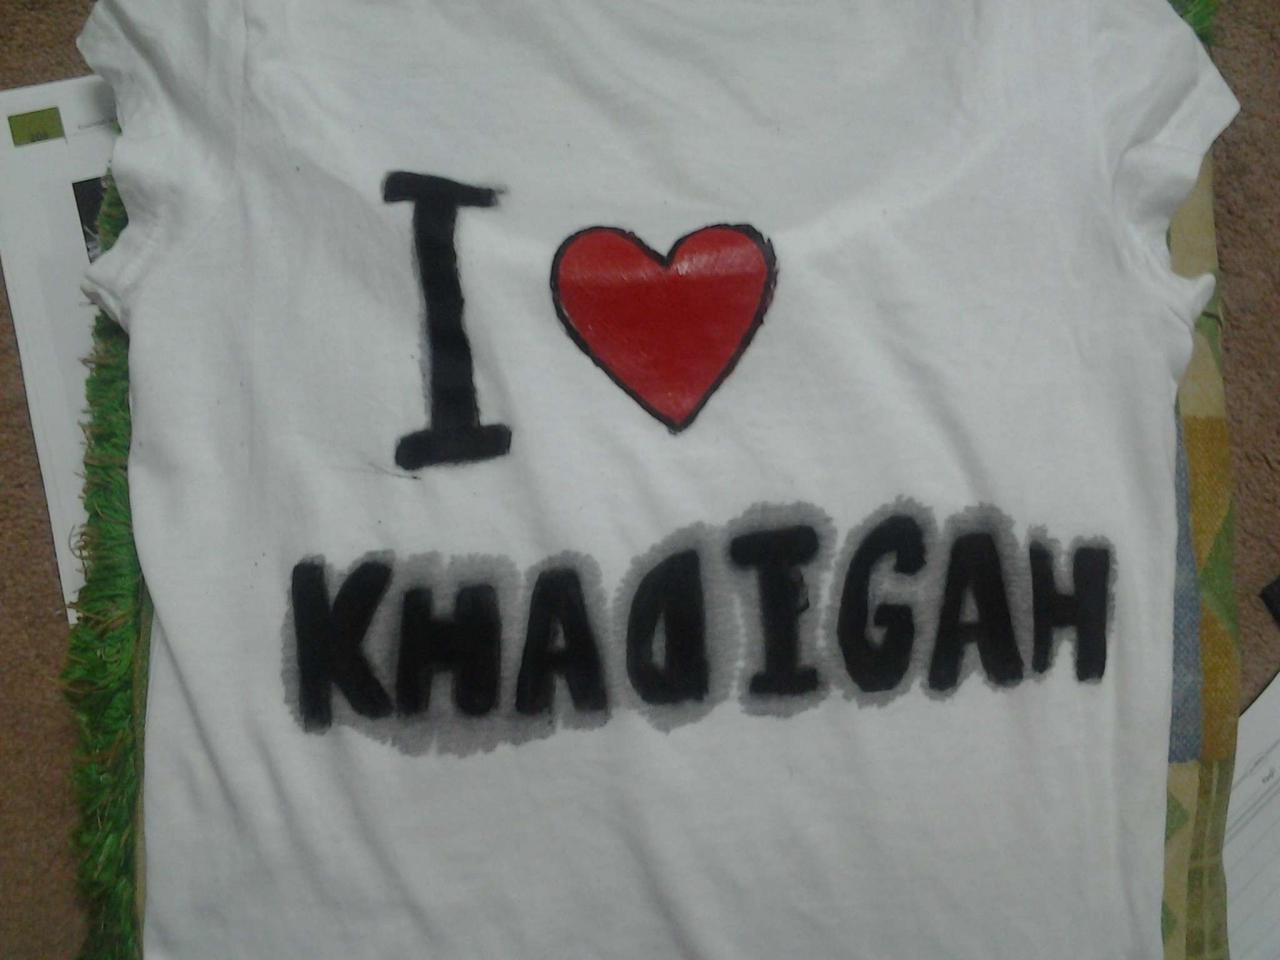 صورة صور اسم خديجة , اجمل الصور التي تحمل اسم خديجة